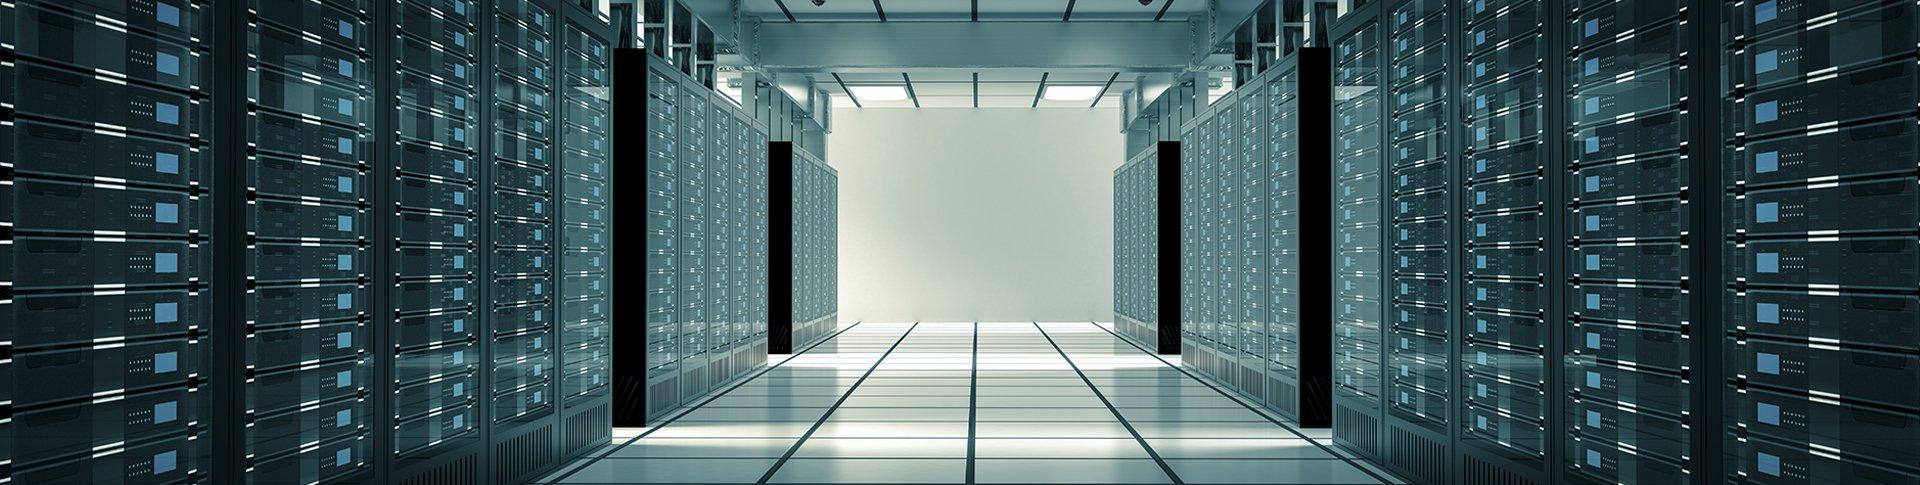 Servers in Data Center.